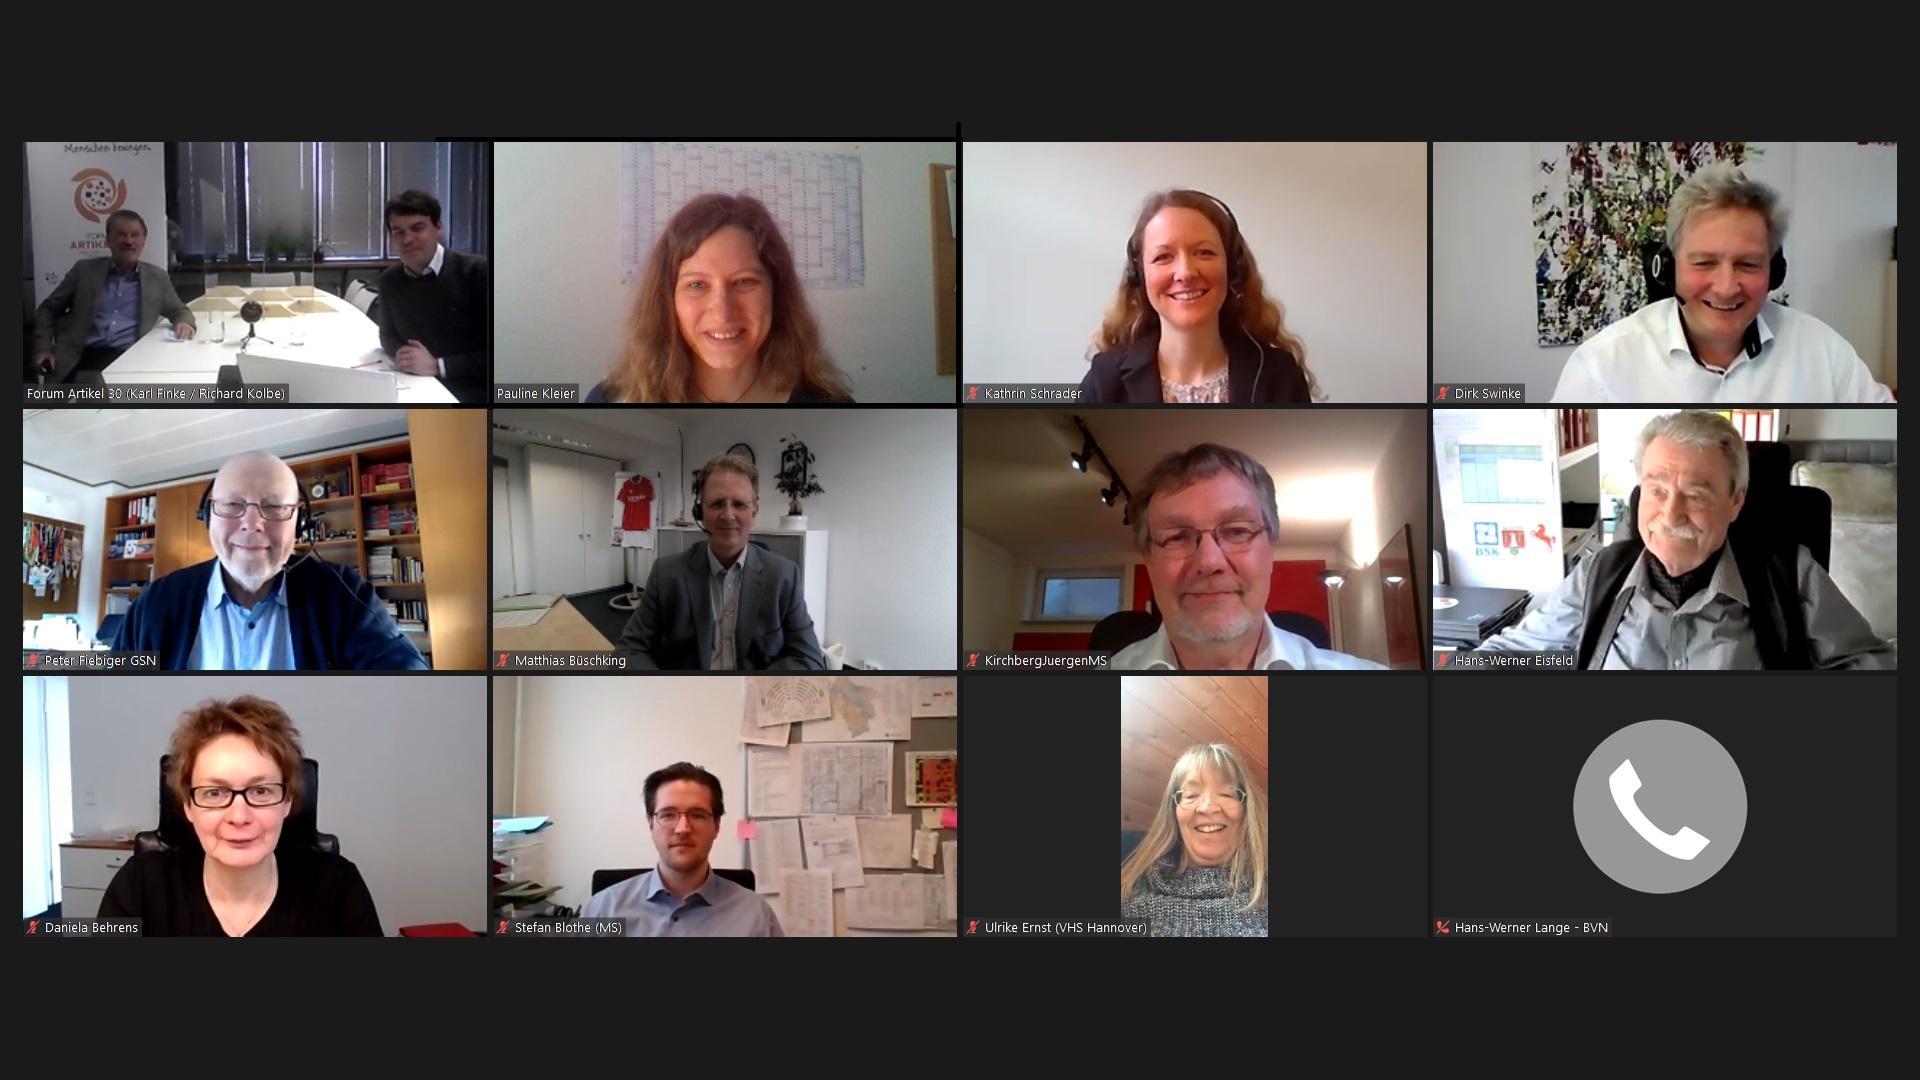 Teilnehmer der digitalen Übergabe